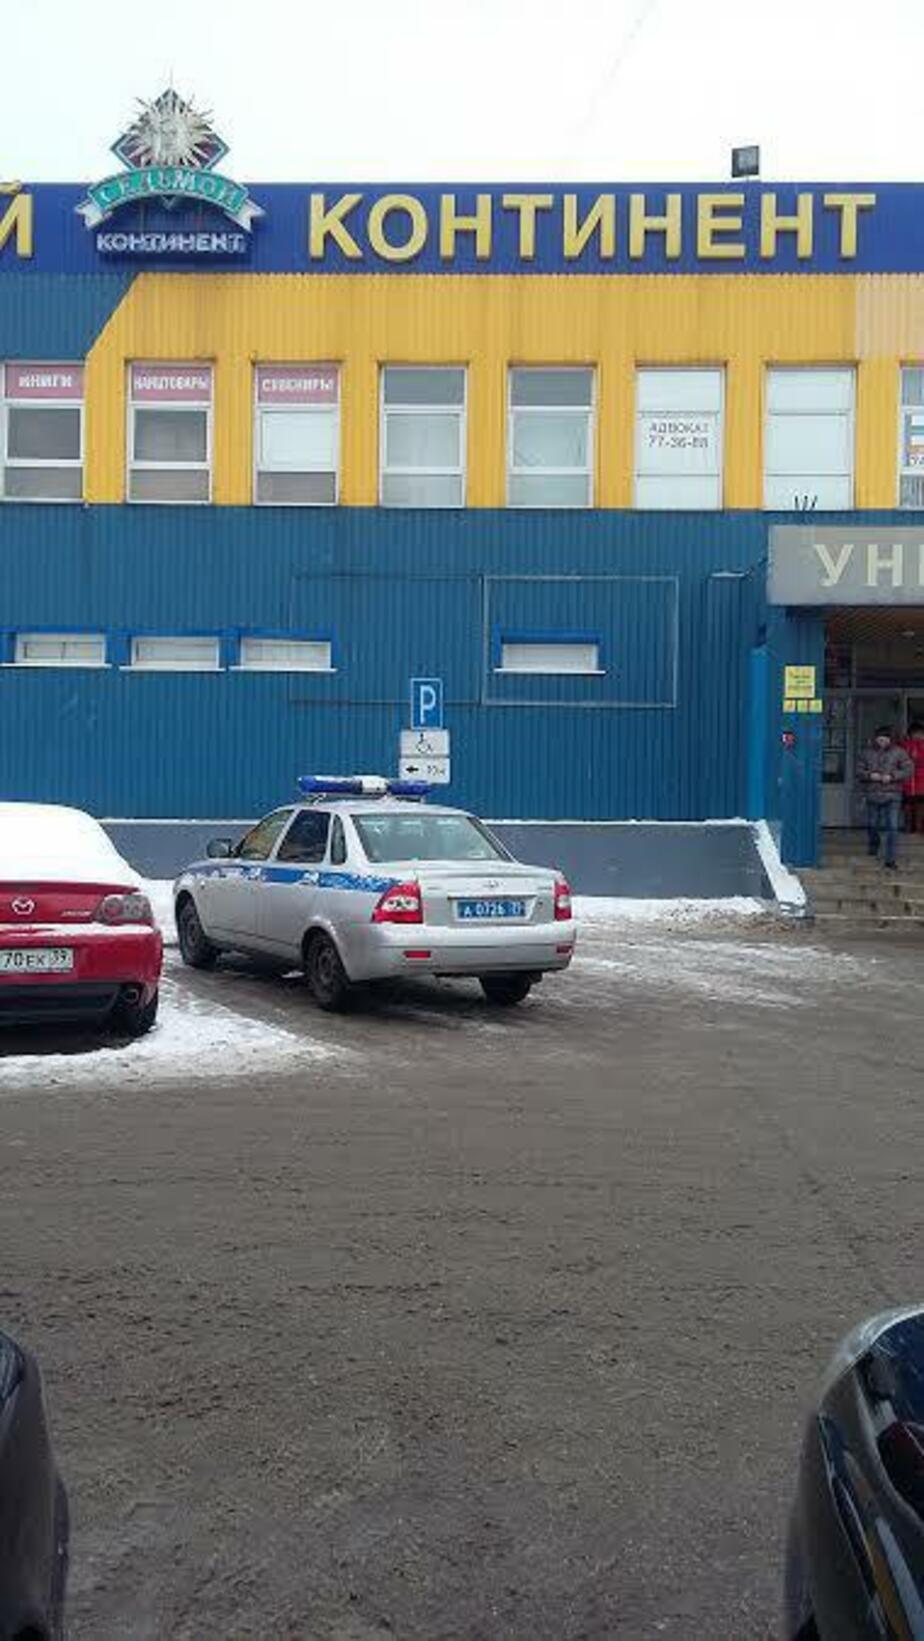 Водитель, ты судак: в Гурьевске полицейскую машину припарковали на месте для инвалидов - Новости Калининграда